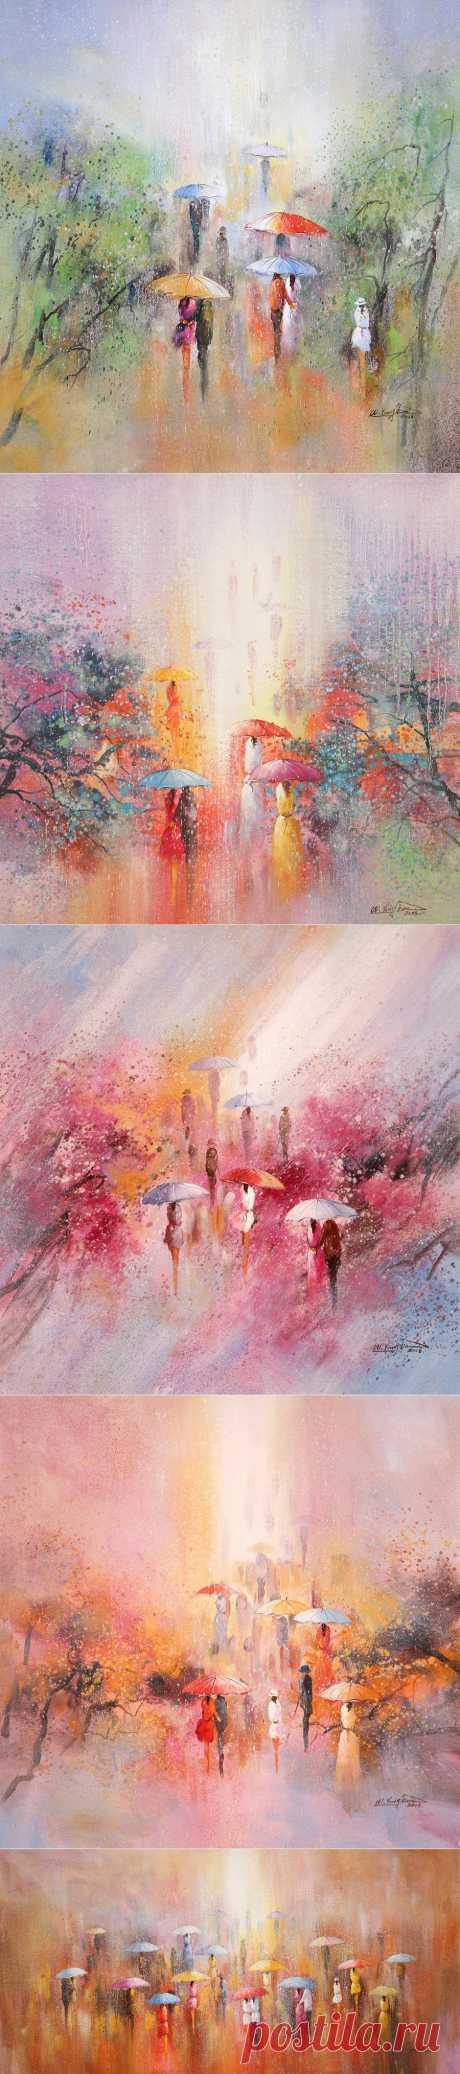 Живопись художника W.Yong Jion, Корея